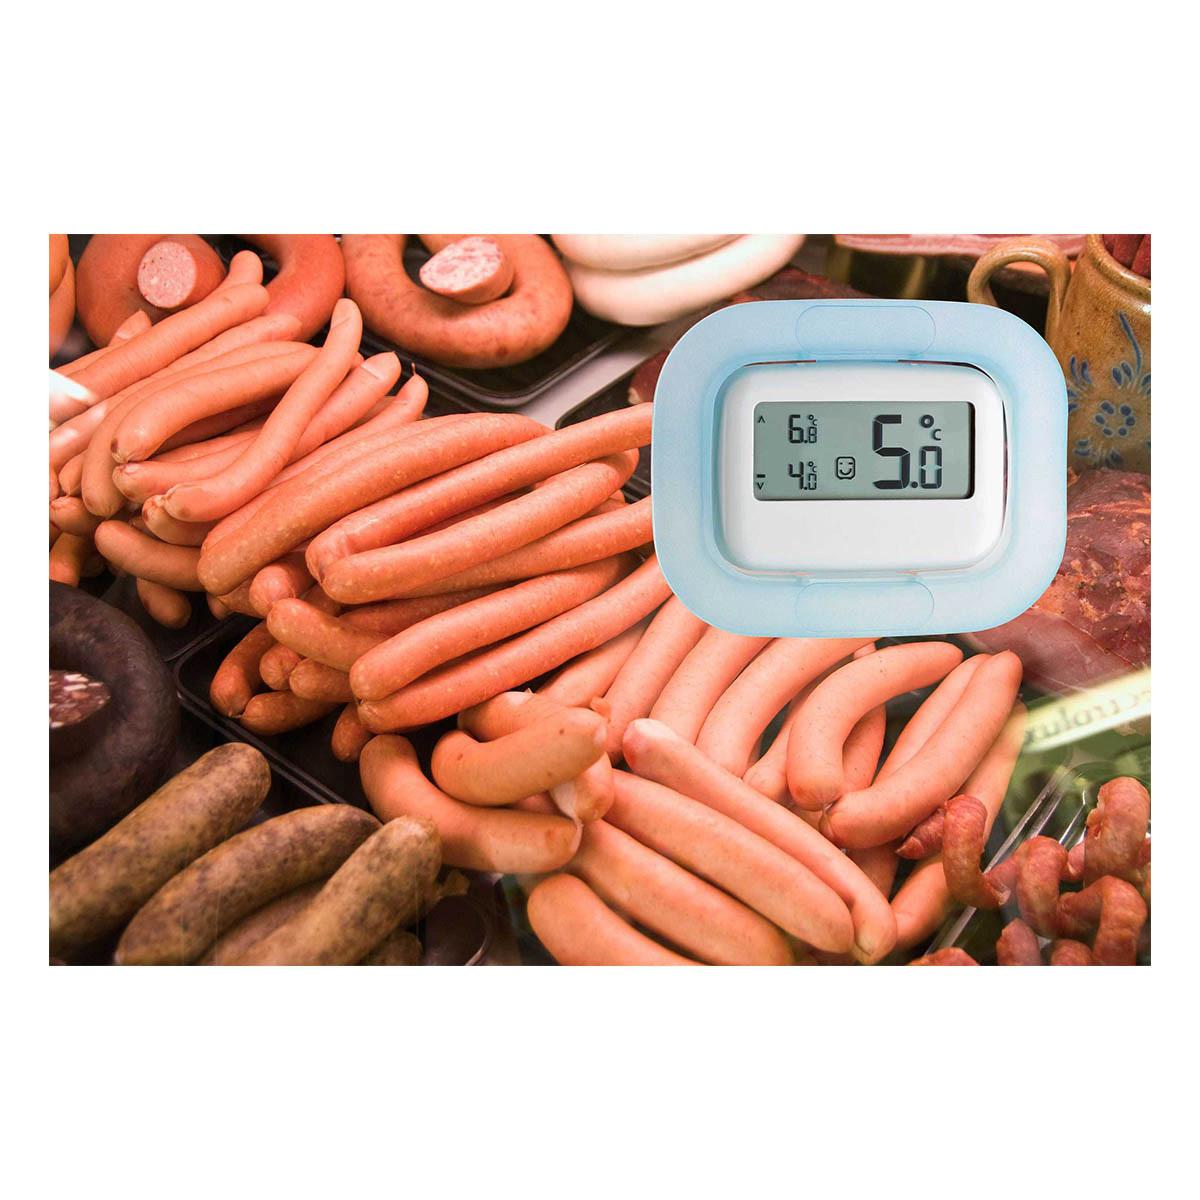 30-1042-digitales-kühl-gefrierschrank-thermometer-anwendung-1200x1200px.jpg